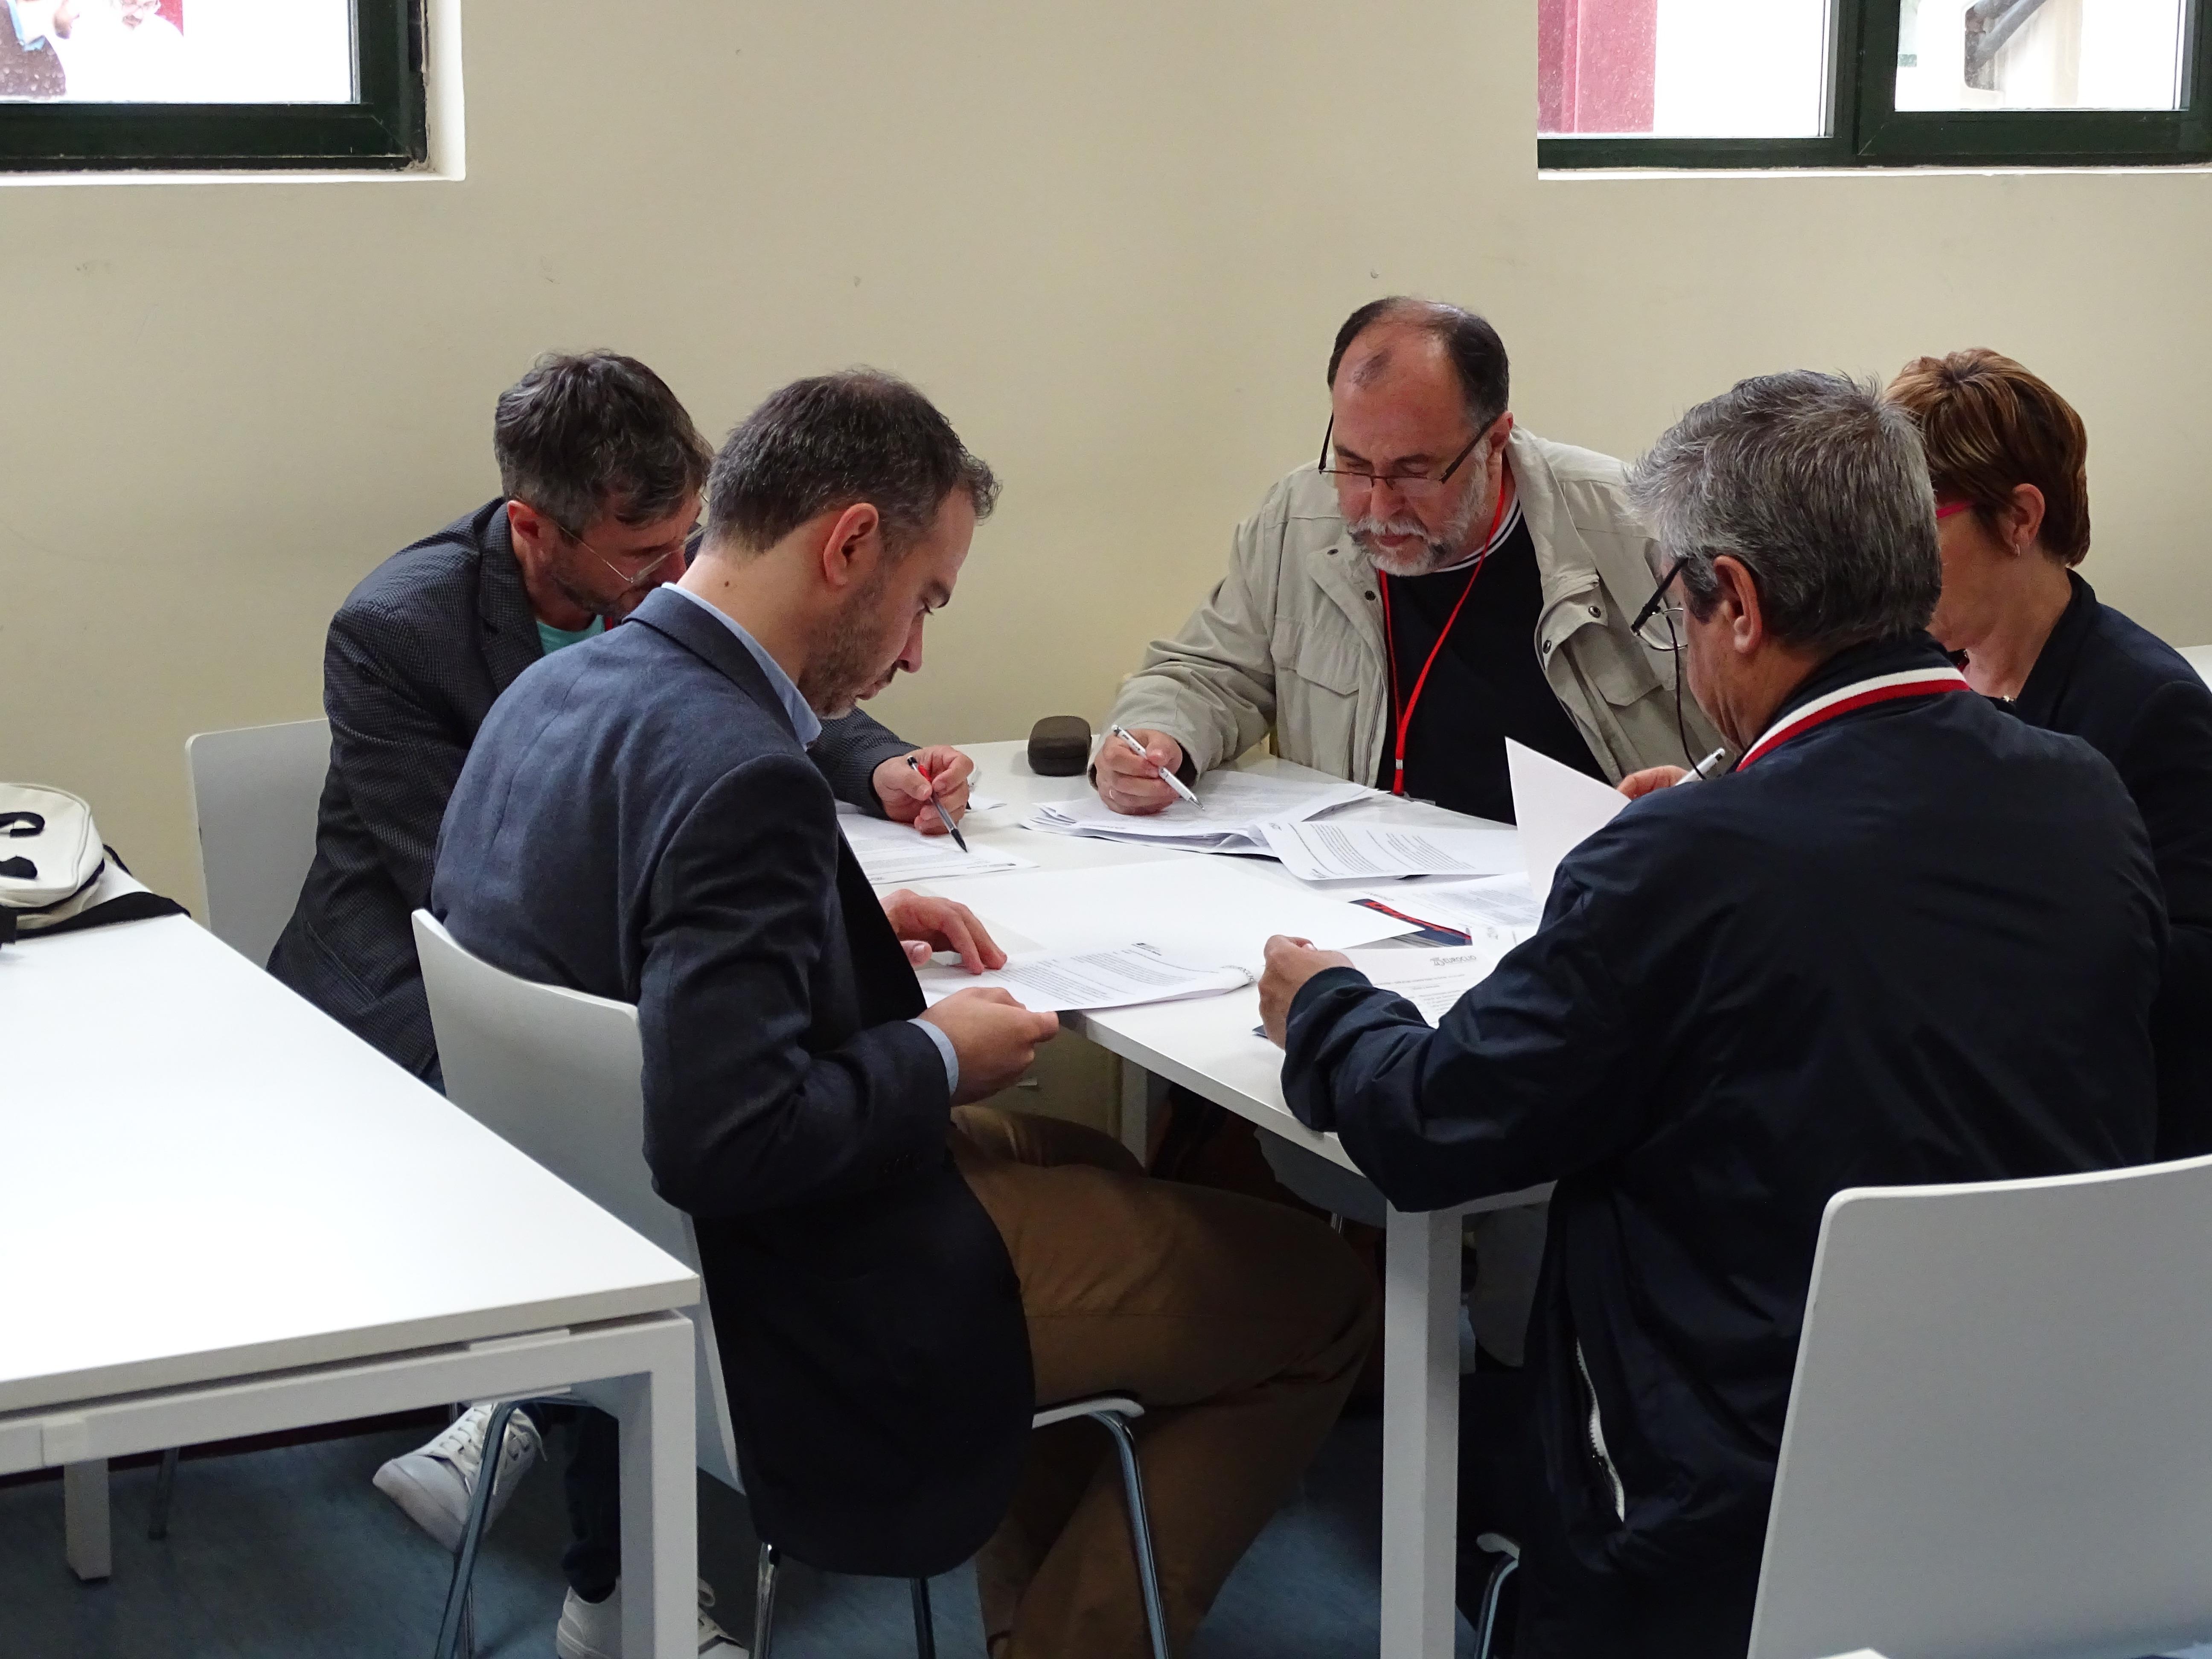 Nuevas metodologías para la enseñanza de Europa: ¡Esto no va de tratados! 9 Junio CTIF Madrid-Capital Taller 1 2